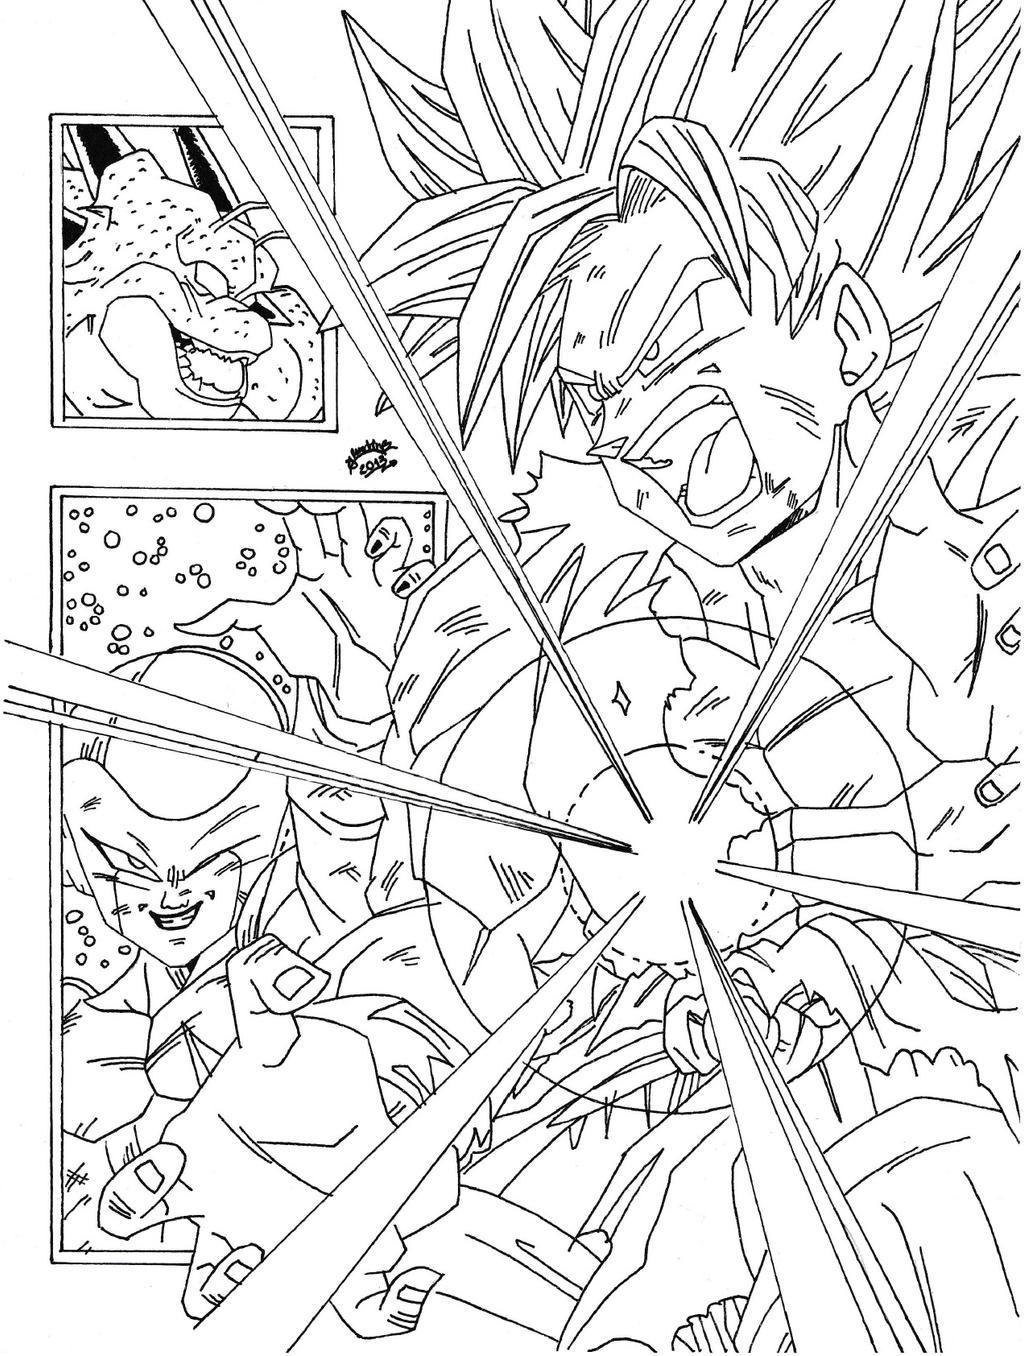 Dragon Ball Z Lineart : Dragonball z saga de freezer lineart by triigun on